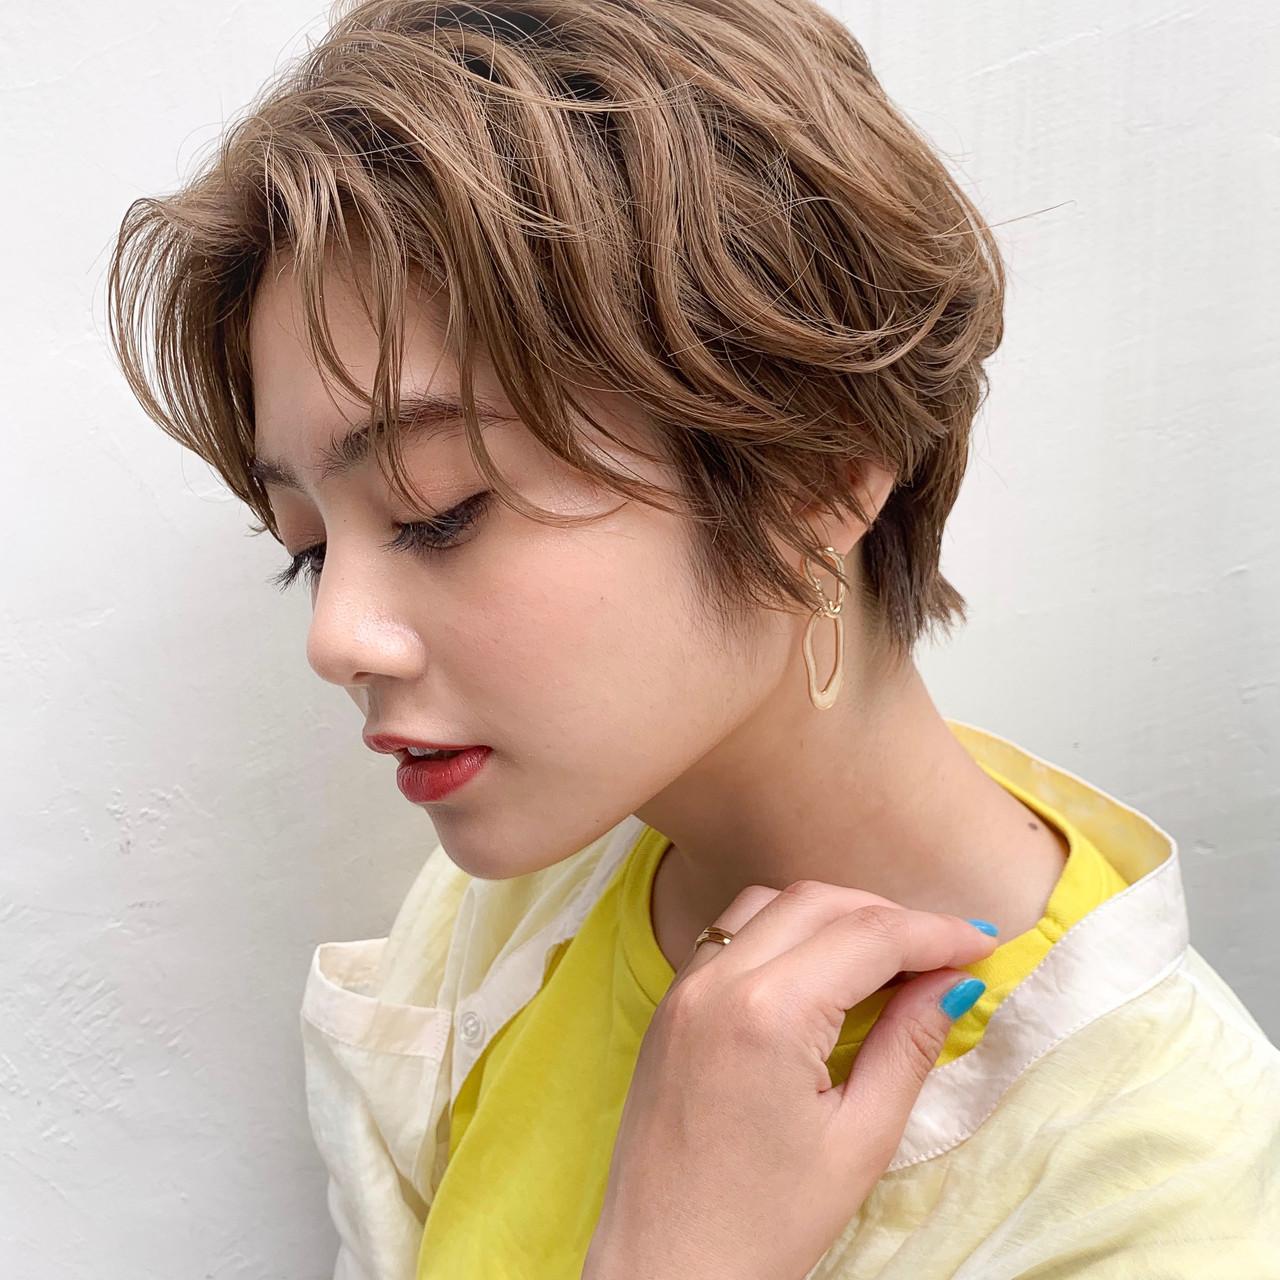 ベージュカラー 外国人風カラー ショート ナチュラル ヘアスタイルや髪型の写真・画像